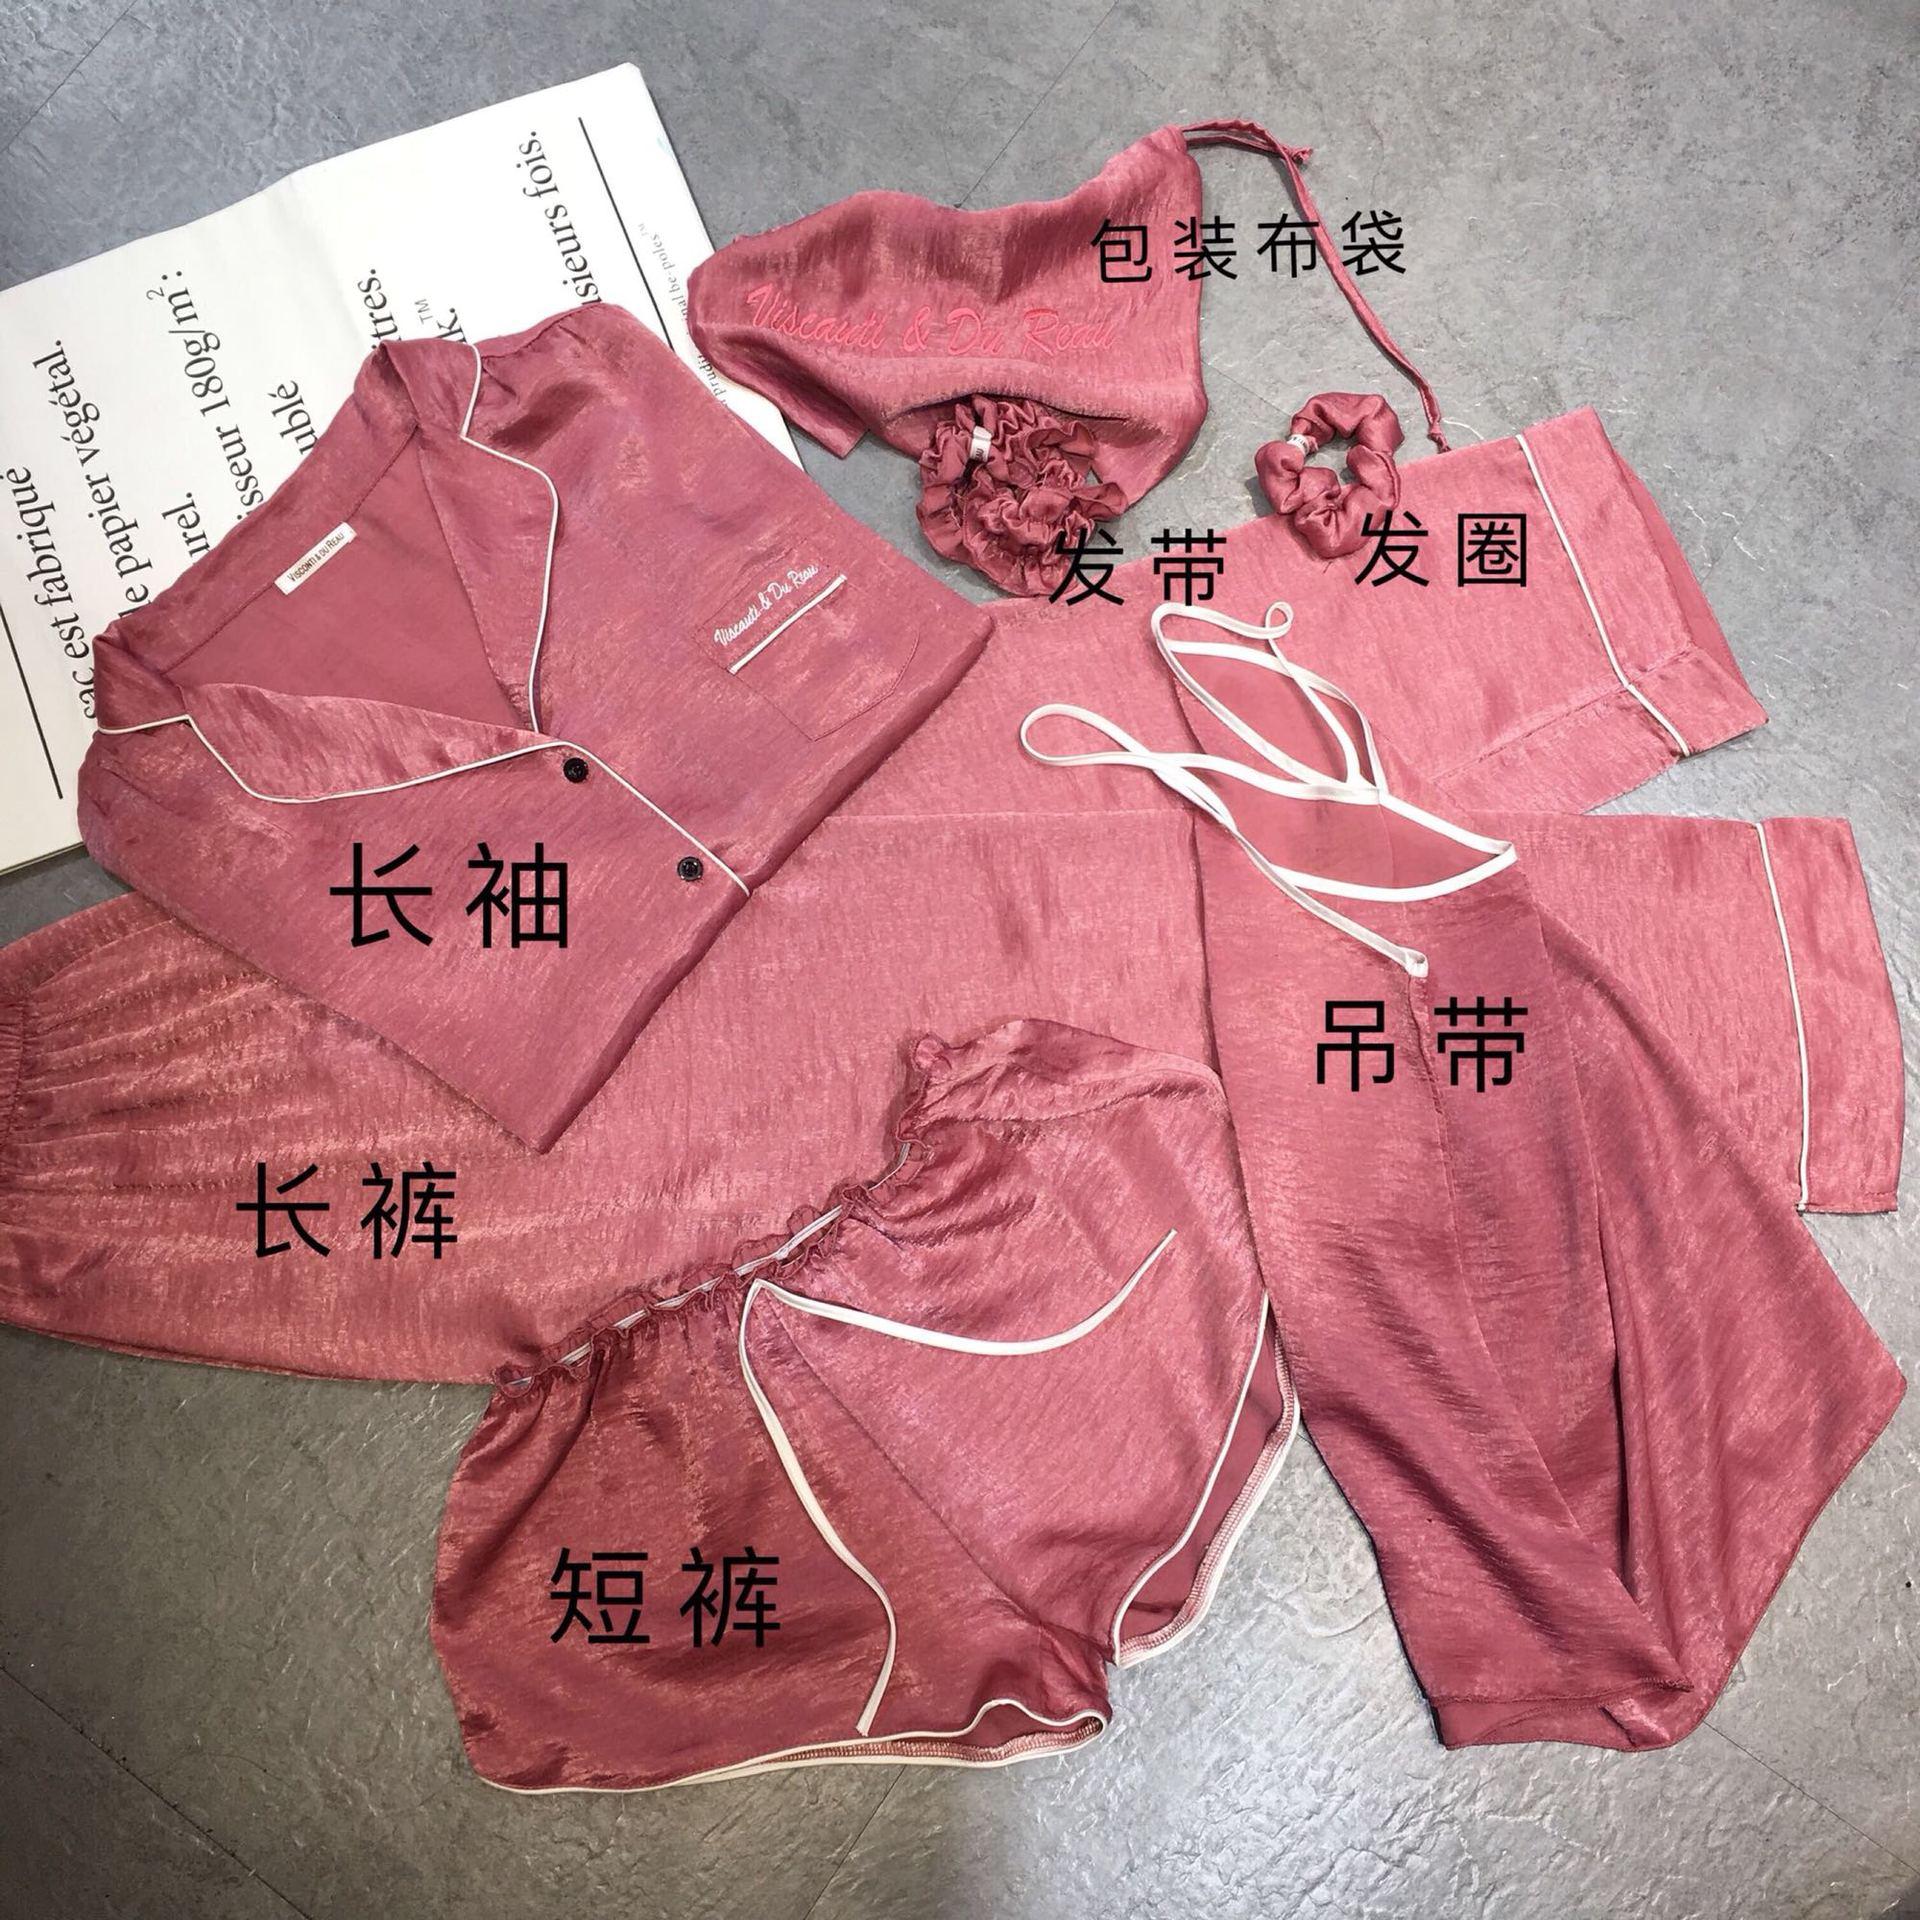 7件套维可达琳真丝睡衣大量现货厂家